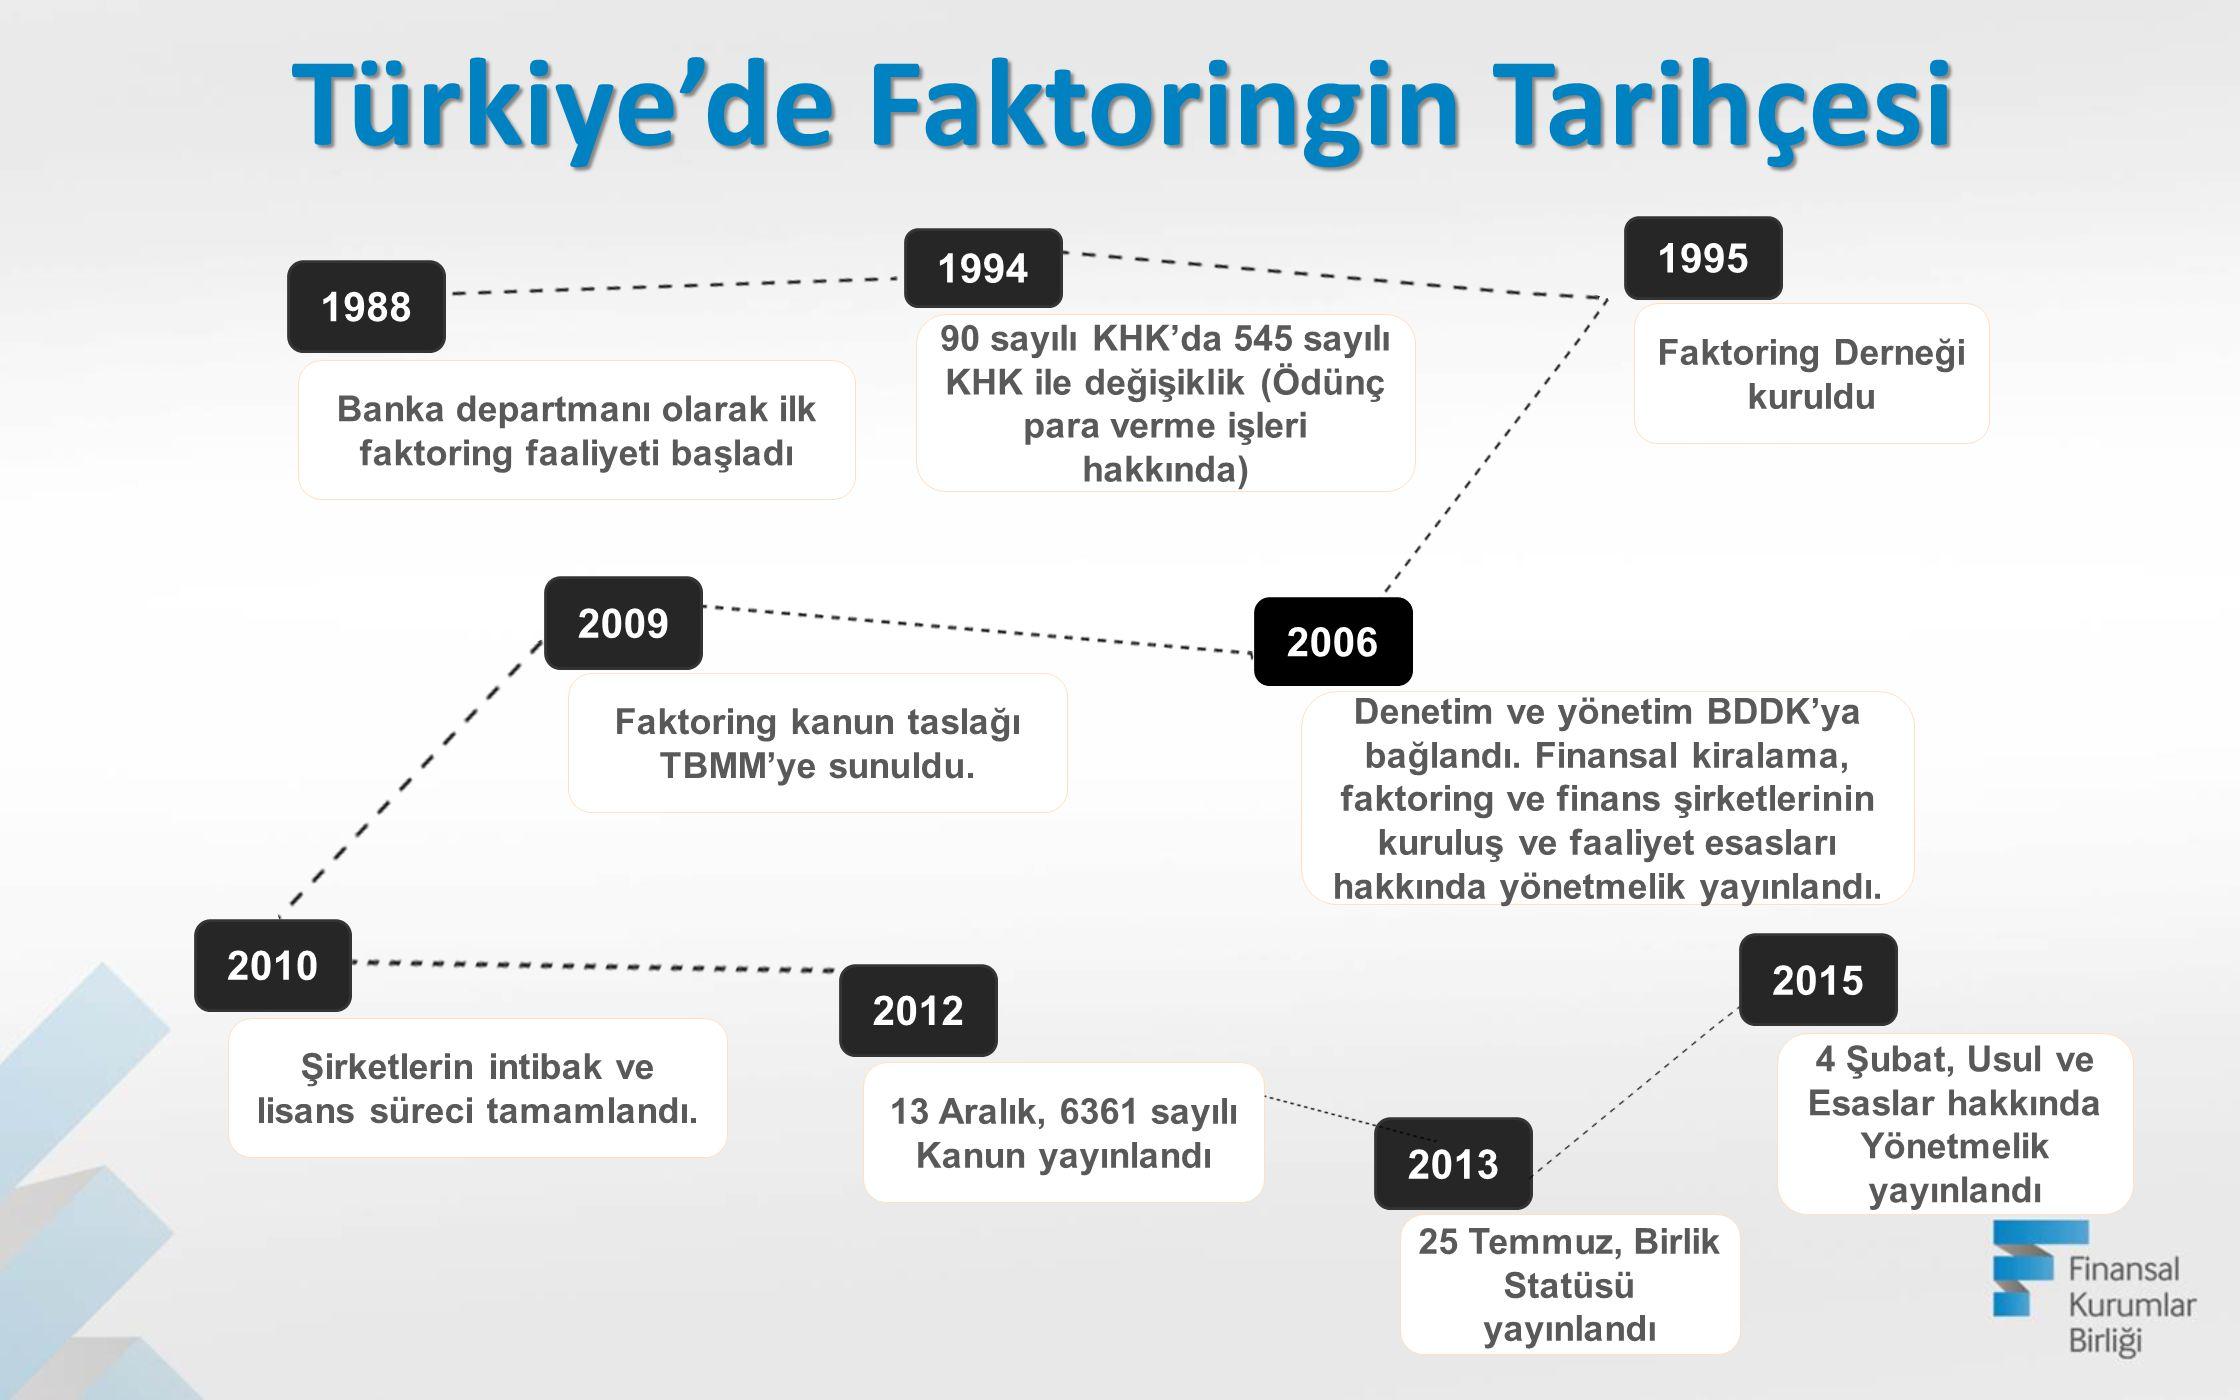 1988 Banka departmanı olarak ilk faktoring faaliyeti başladı 1994 90 sayılı KHK'da 545 sayılı KHK ile değişiklik (Ödünç para verme işleri hakkında) 19